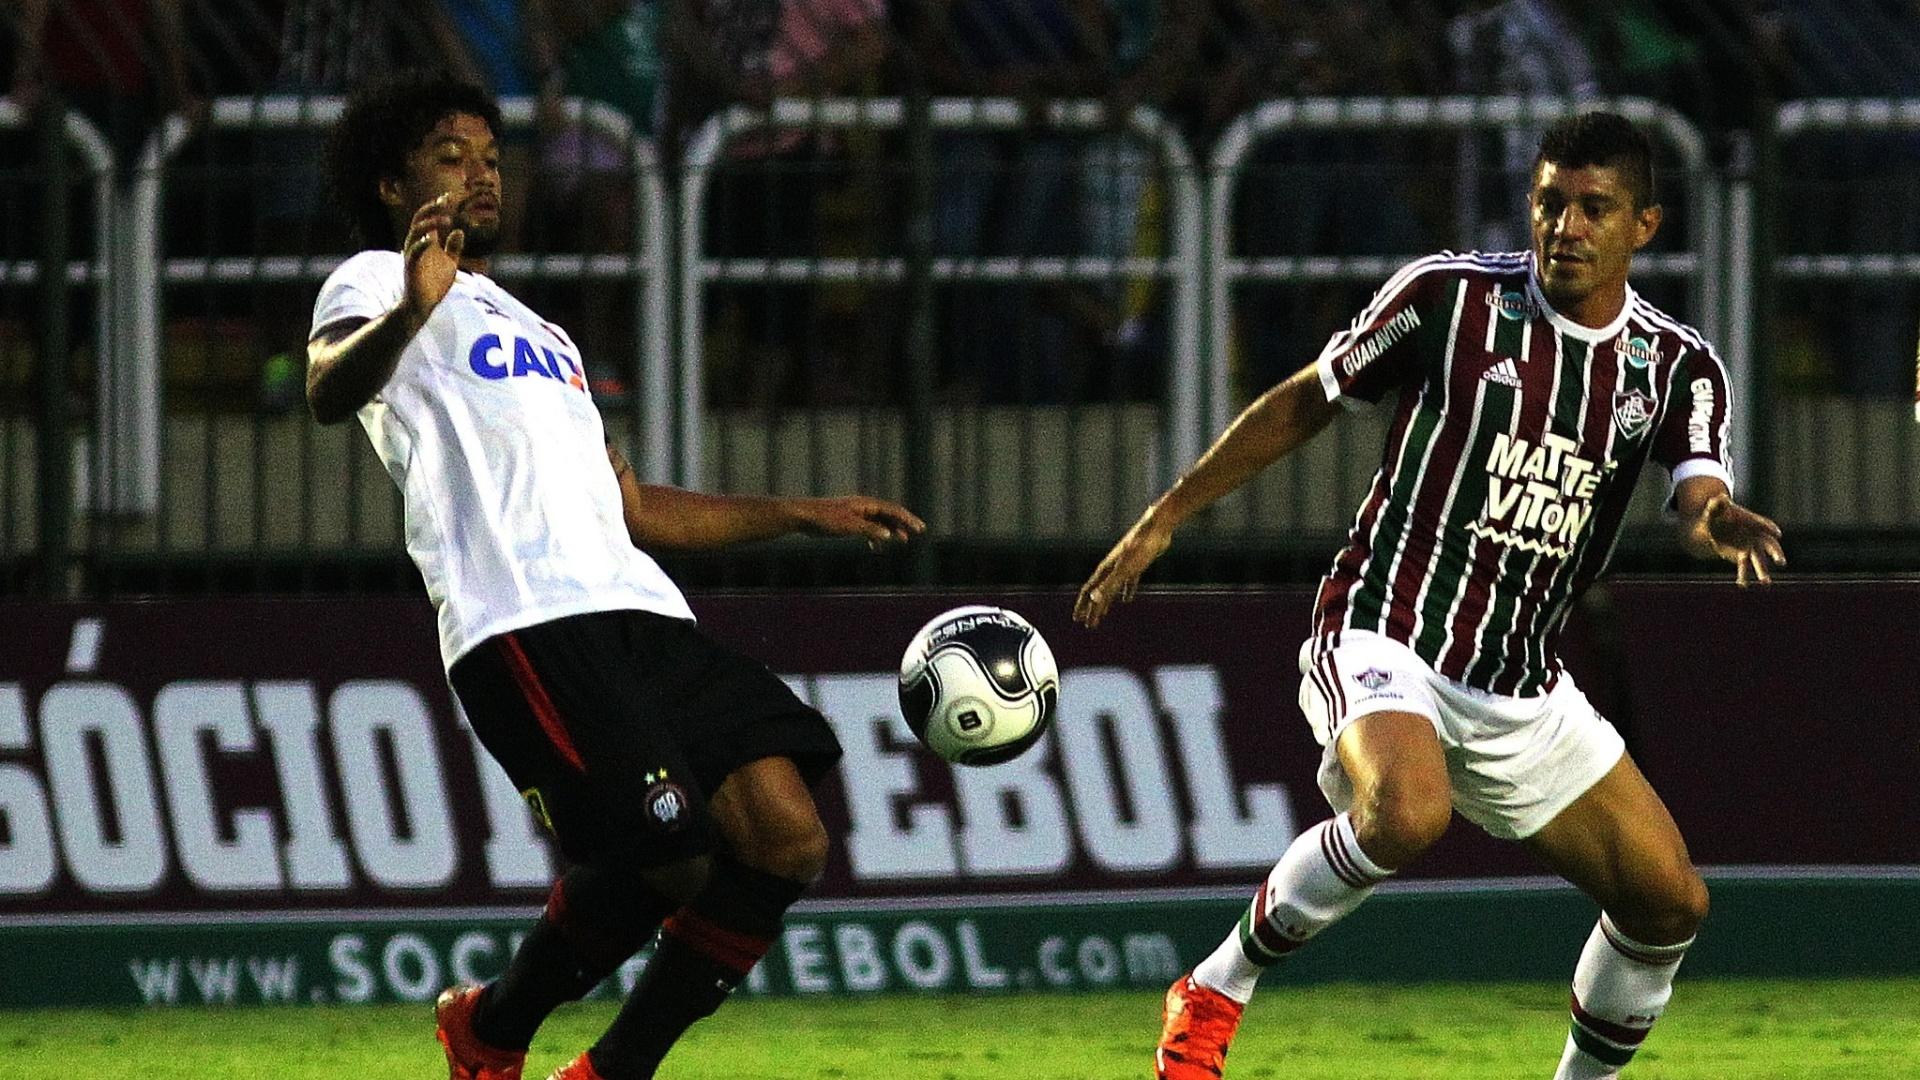 Otávio disputa bola na partida do Atlético-PR contra o Fluminense, pela Primeira Liga